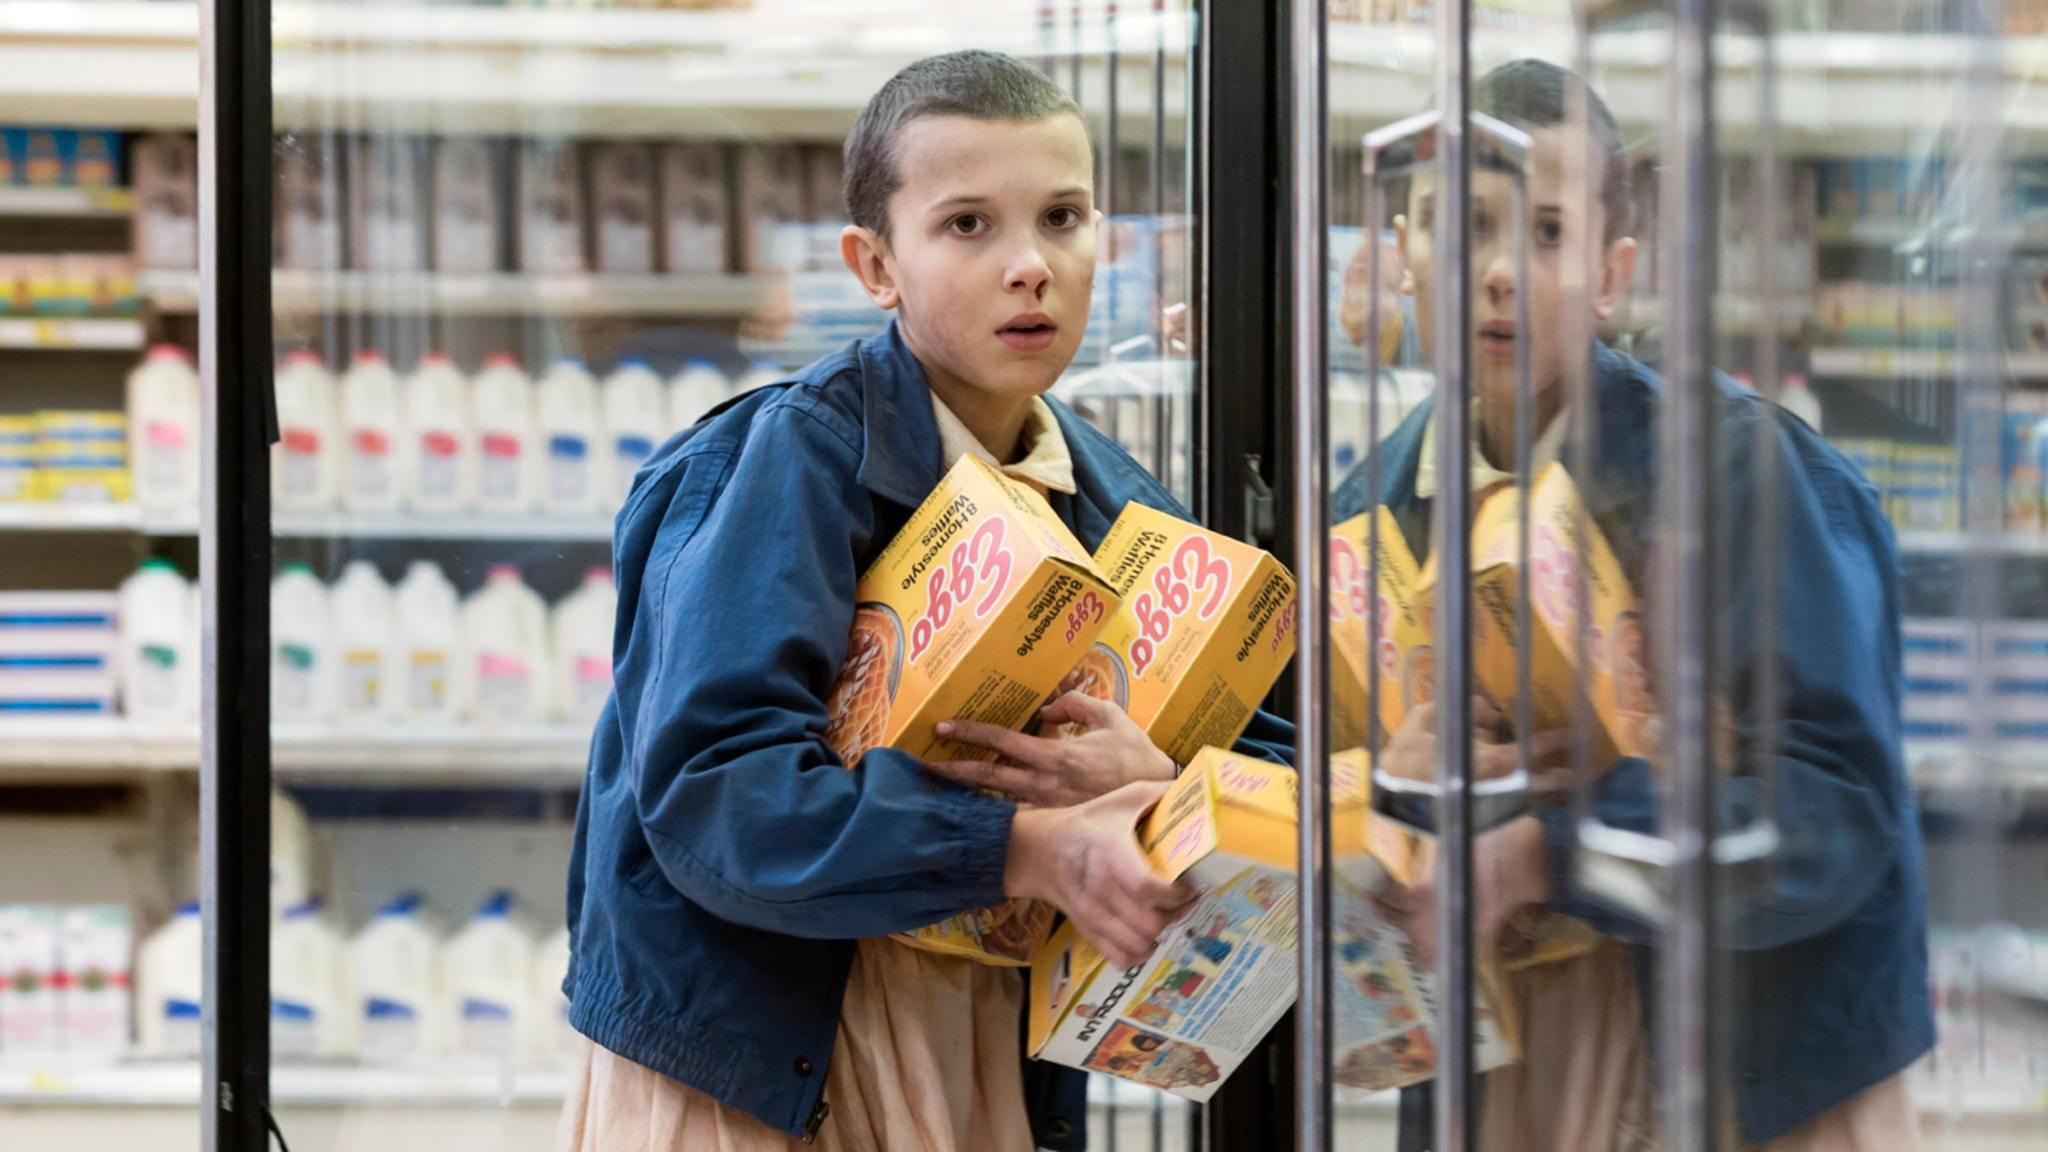 Sehen wir Eleven in Staffel 2 wieder?